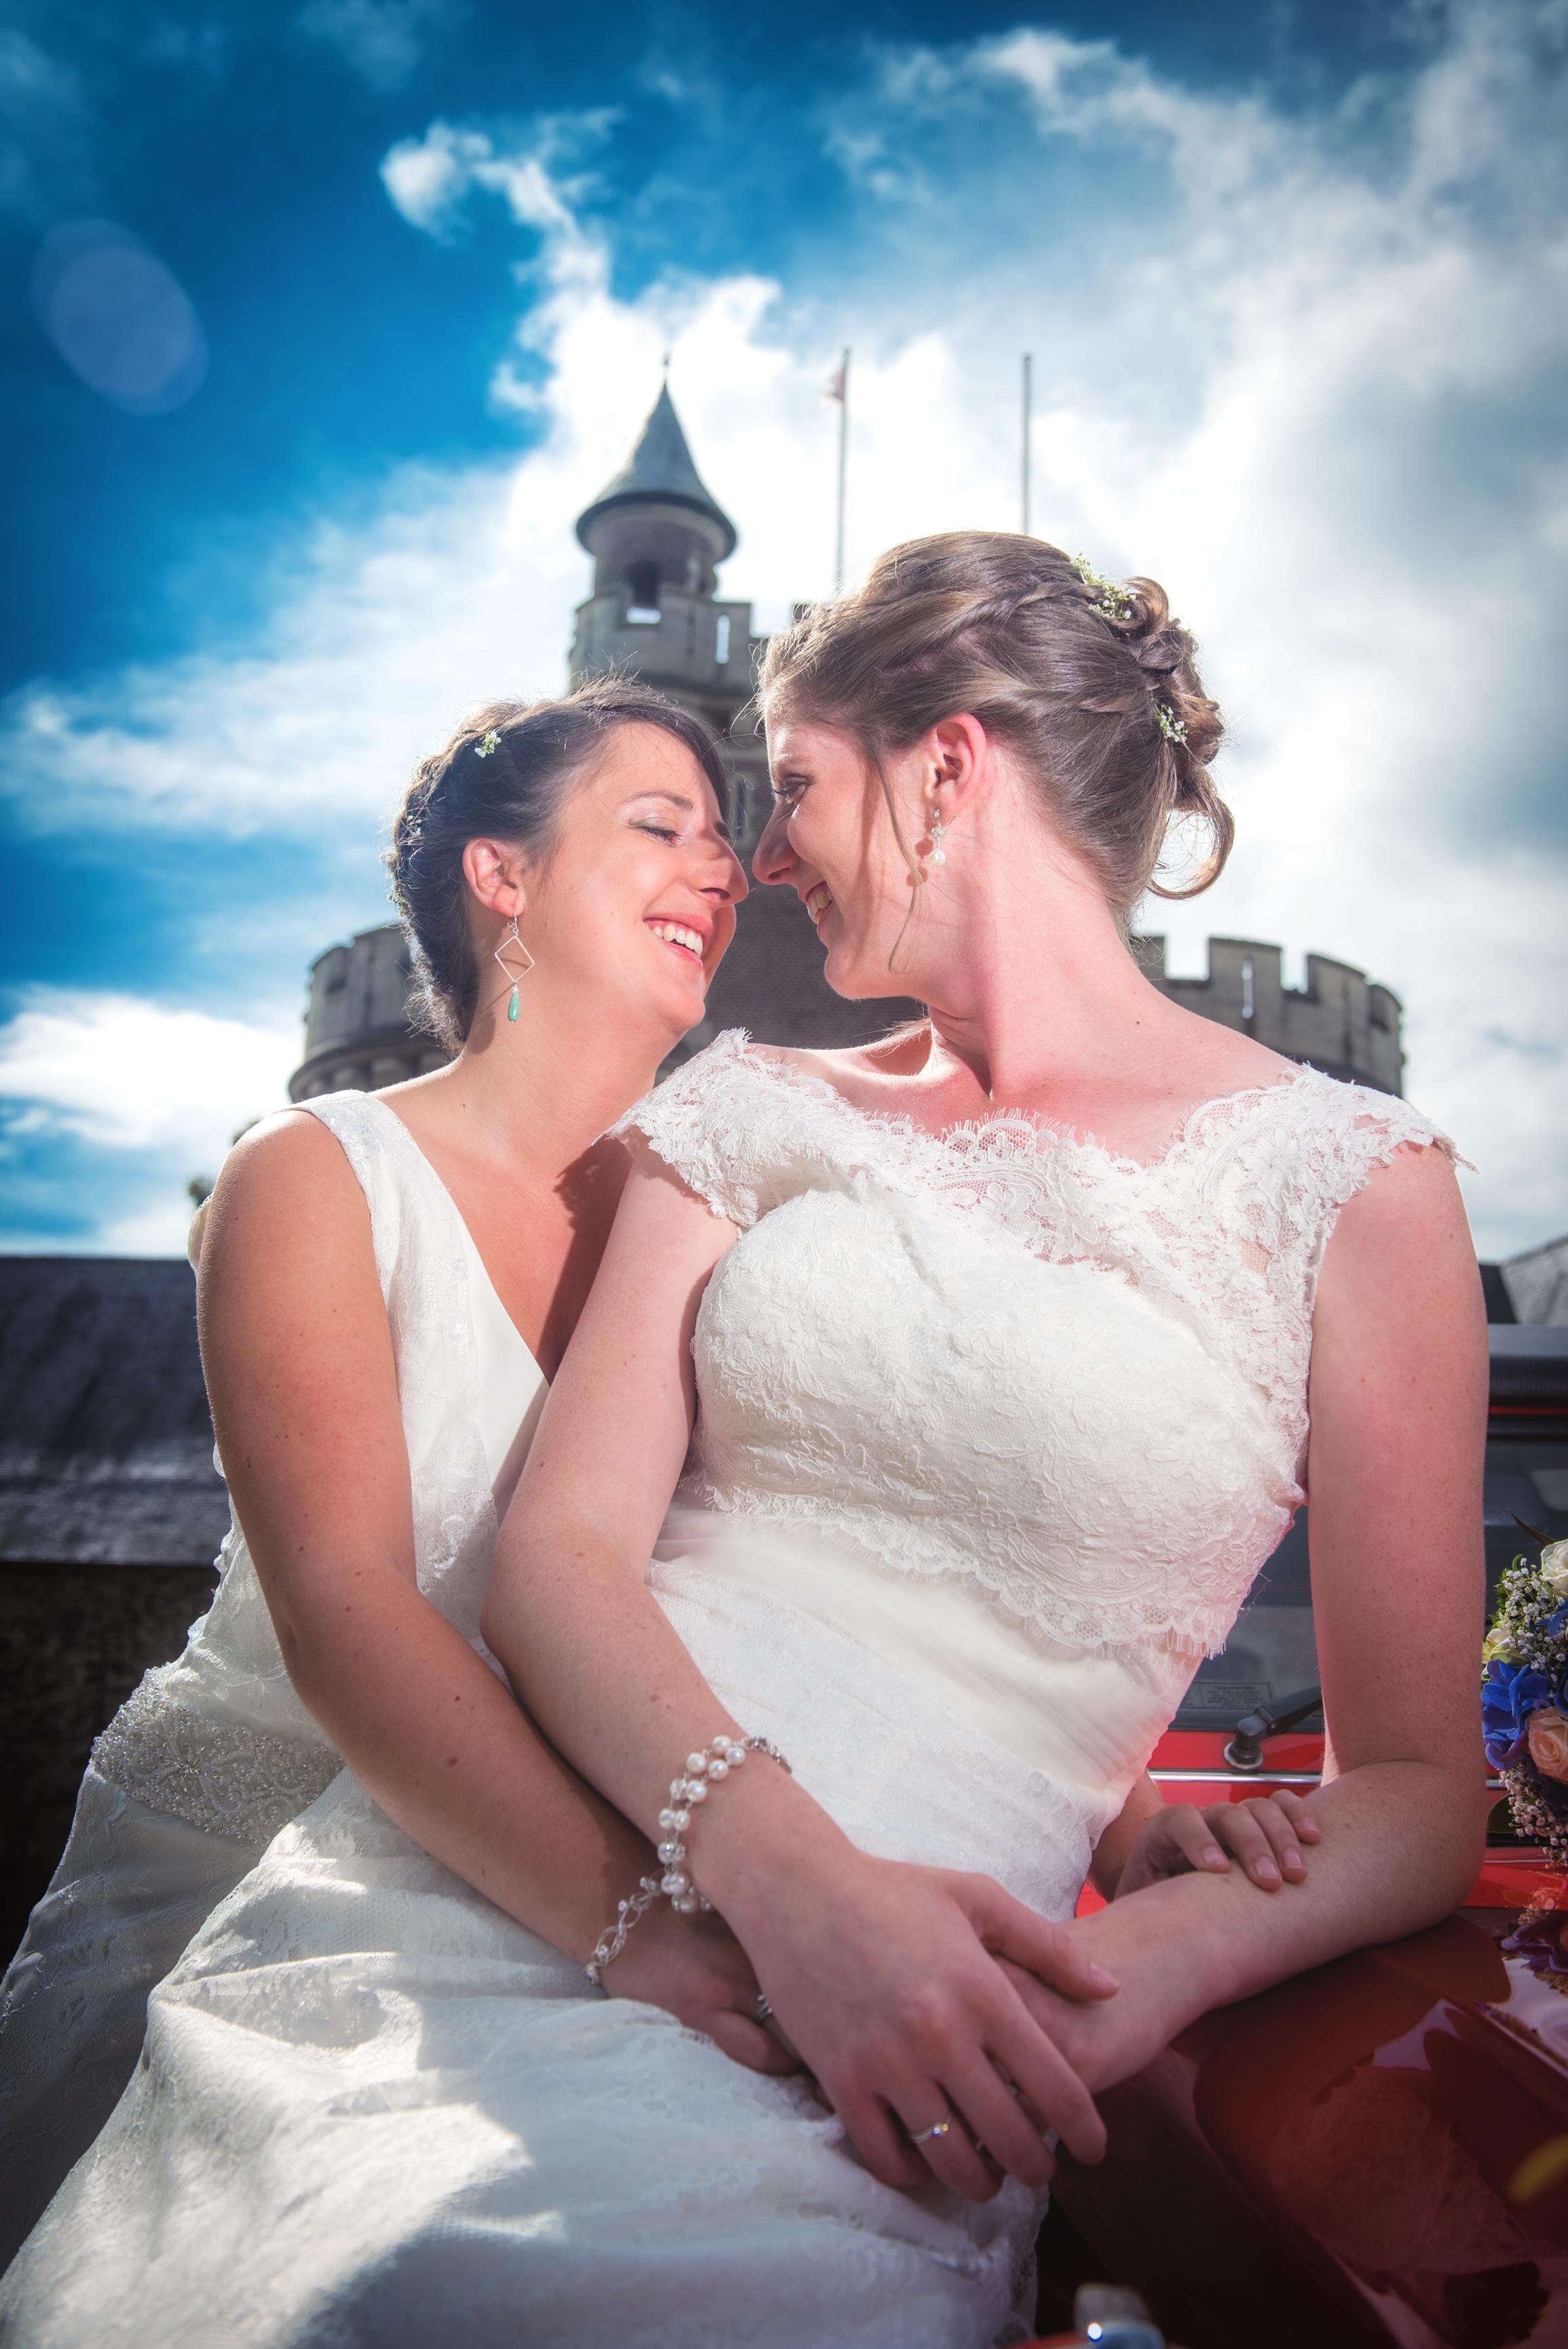 sjiek zij/zij koppel Willem De Leeuw bruidsfotografie